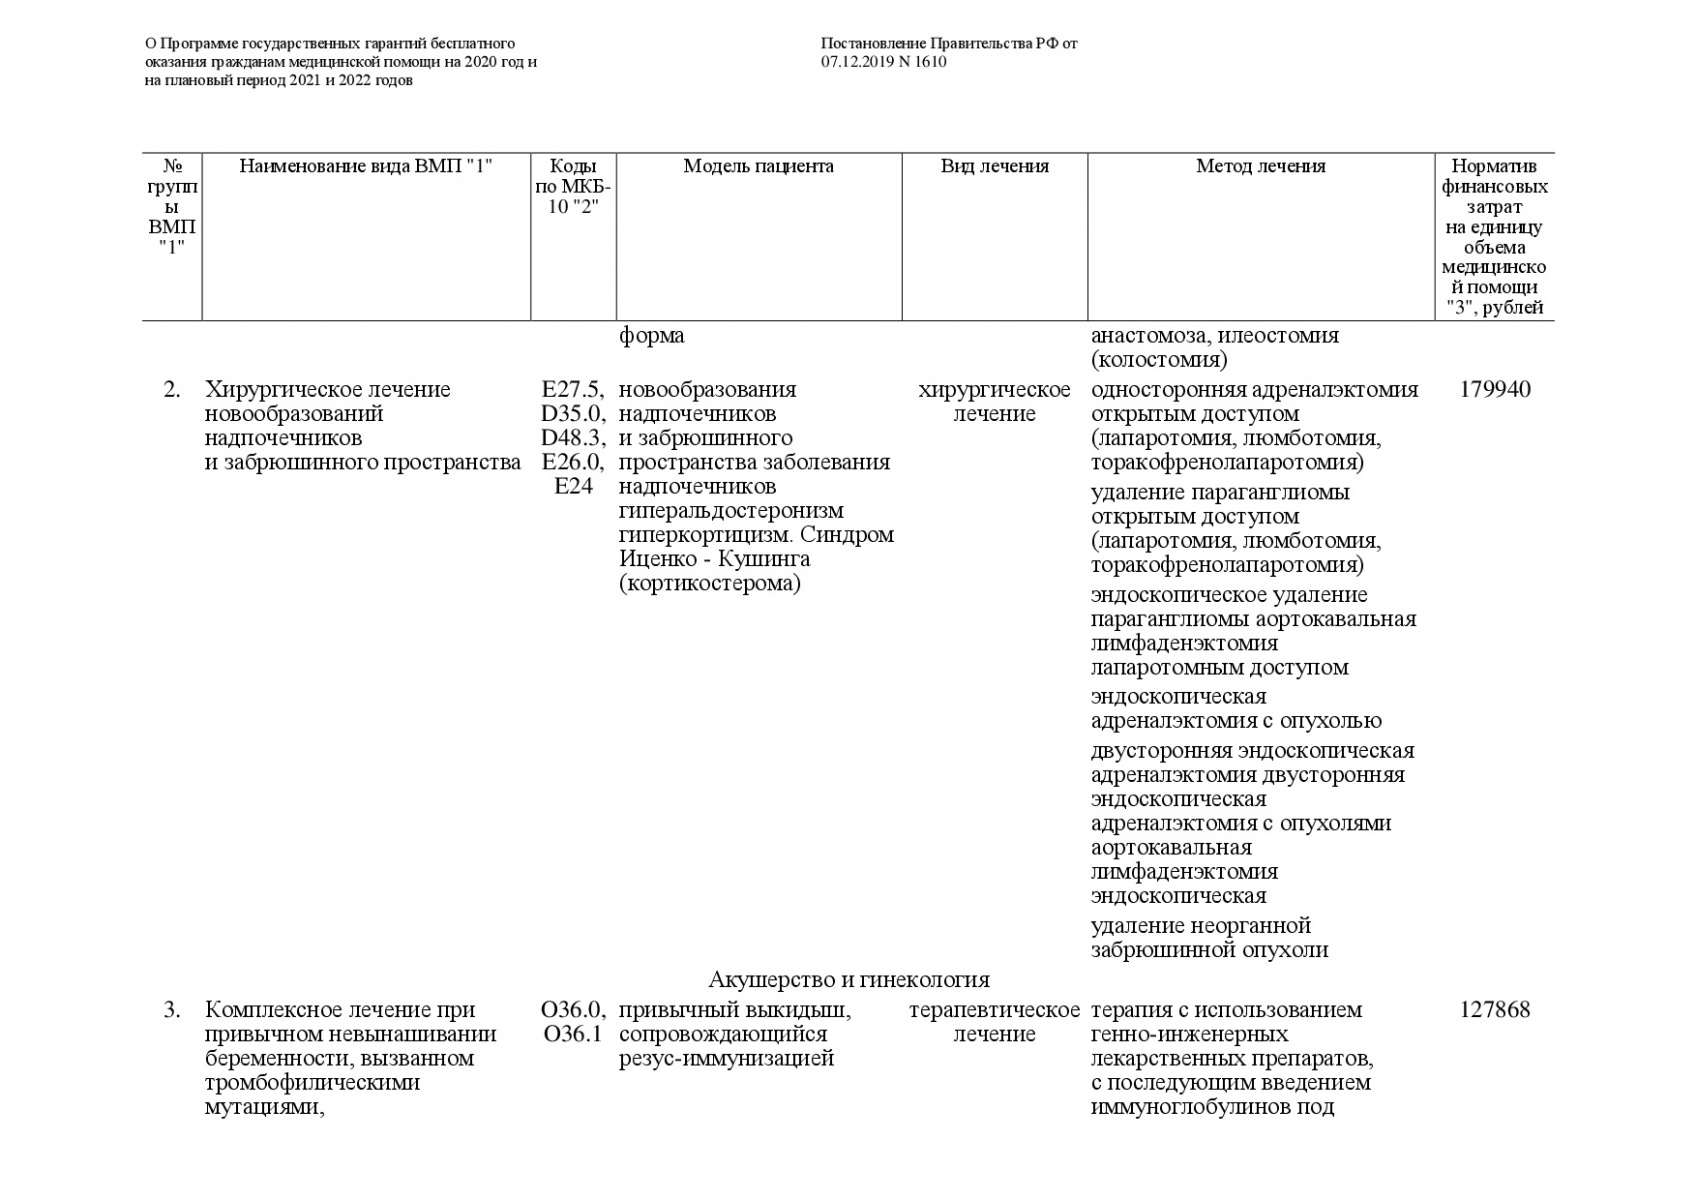 Postanovlenie-Pravitelstva-RF-ot-07_12_2019-1610-O-PGG-036